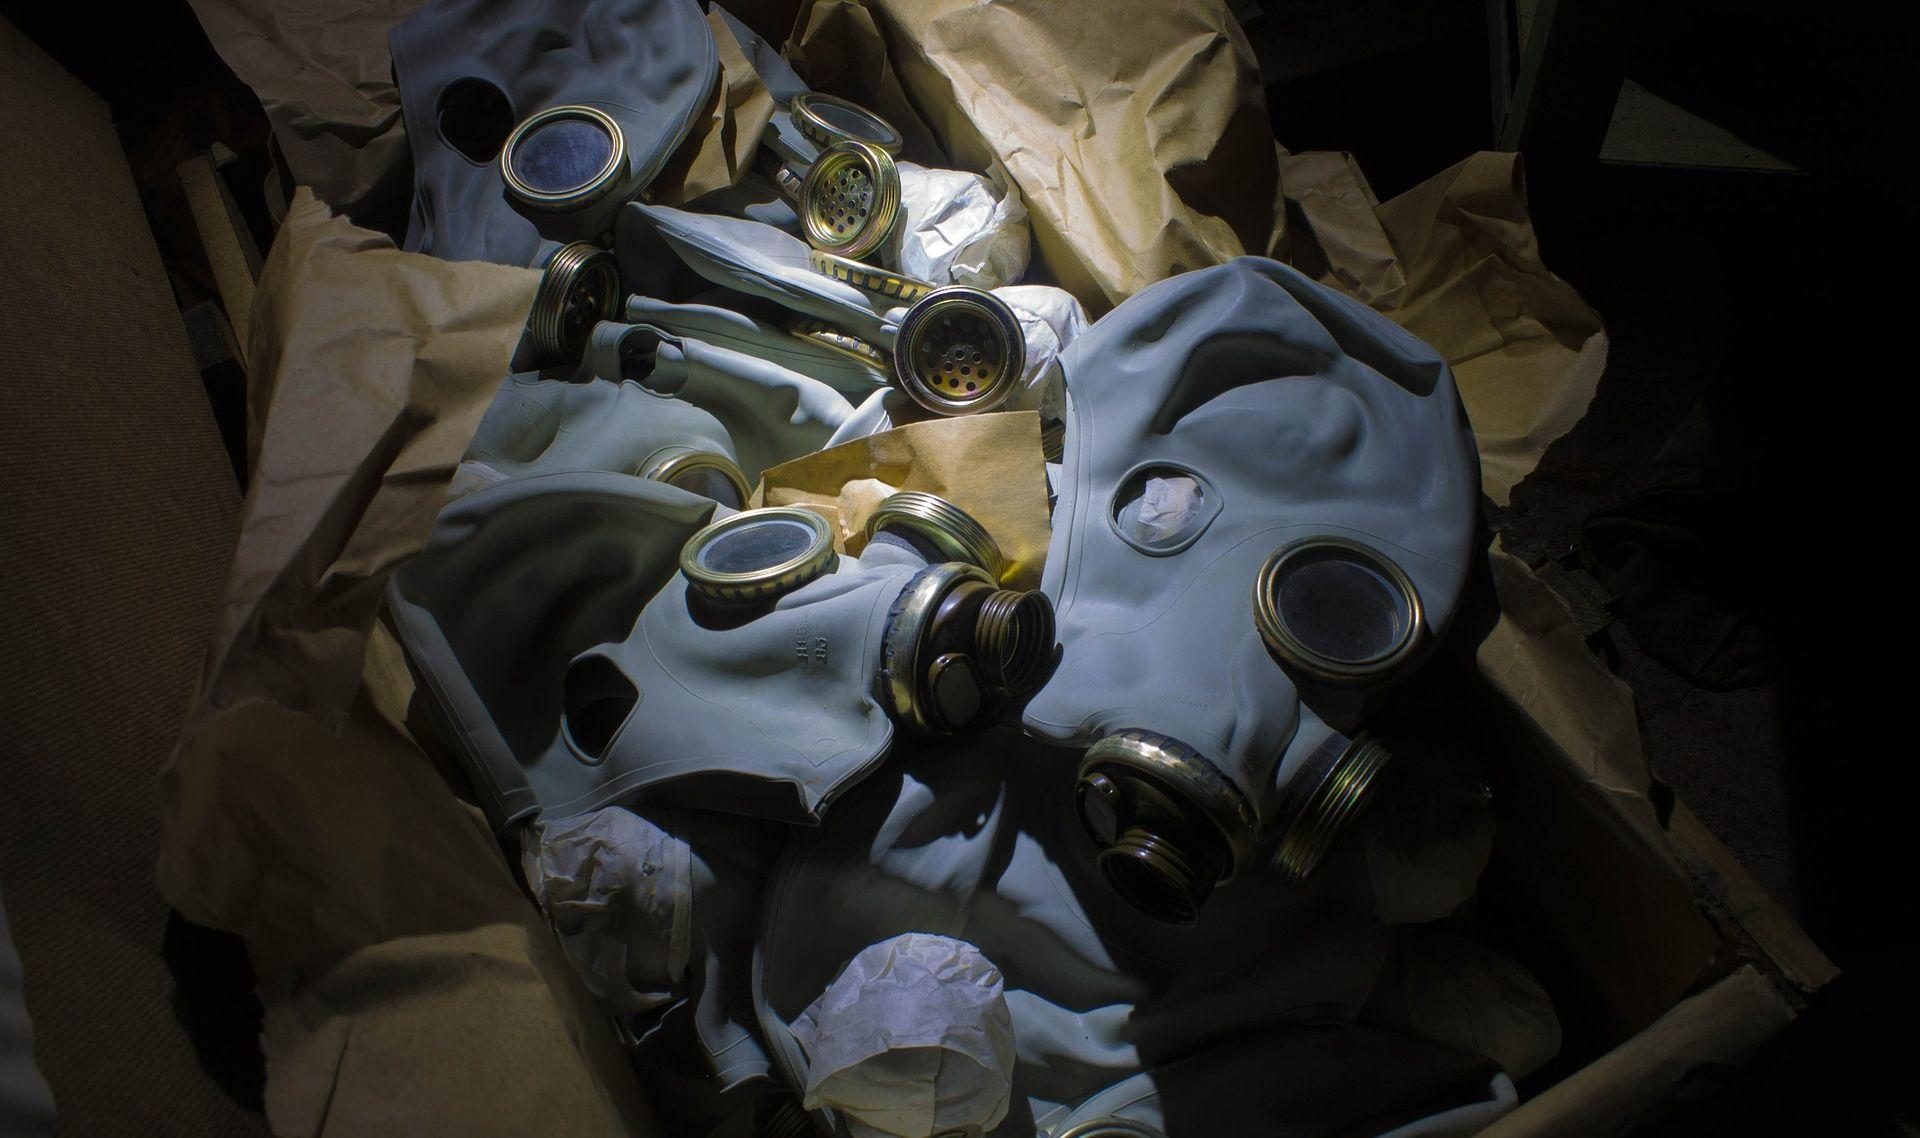 Test fragmenata granata IS-a pokazao tragove bojnog otrova